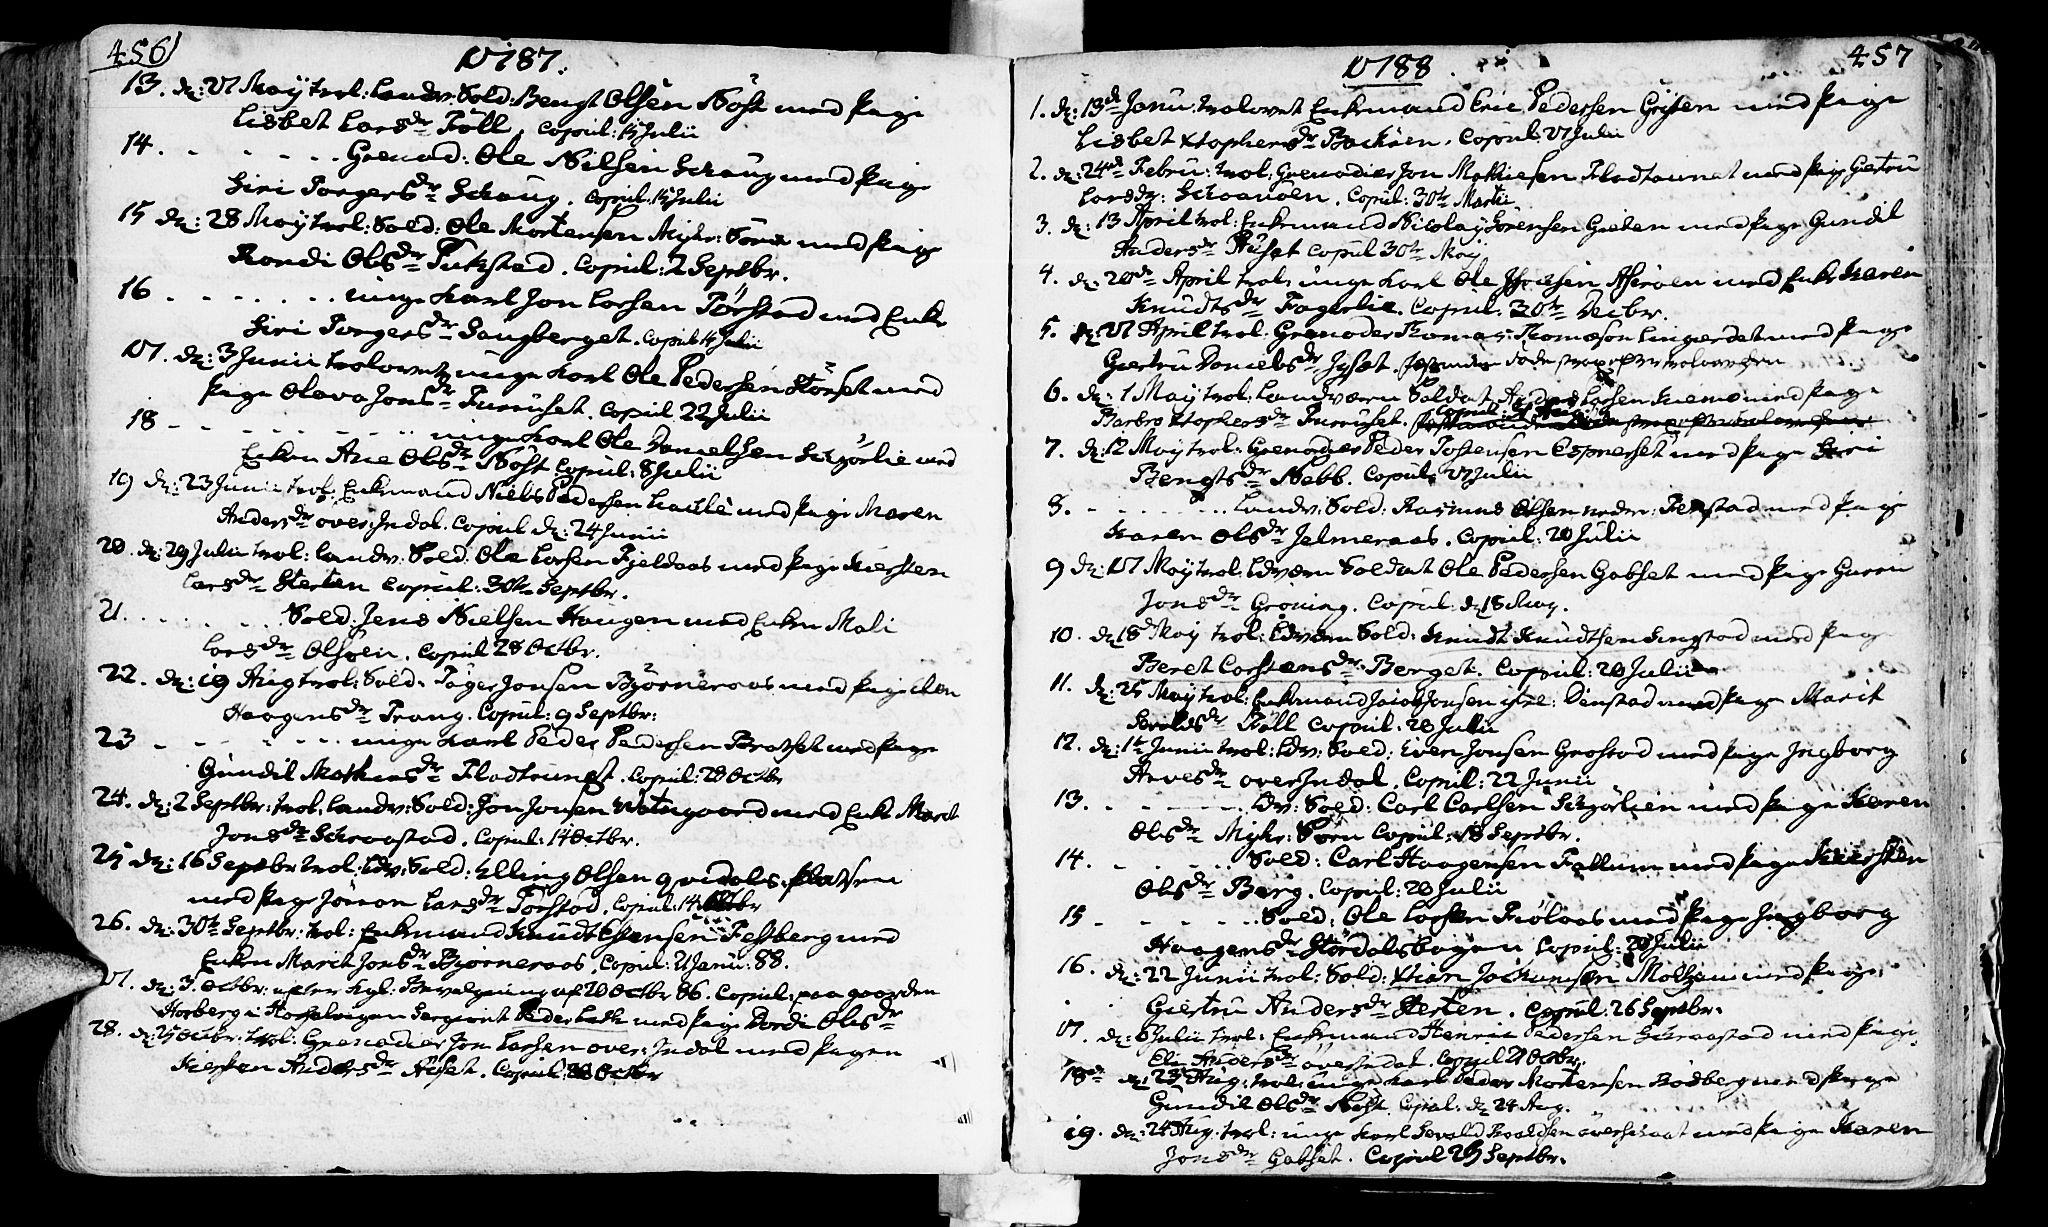 SAT, Ministerialprotokoller, klokkerbøker og fødselsregistre - Sør-Trøndelag, 646/L0605: Ministerialbok nr. 646A03, 1751-1790, s. 456-457